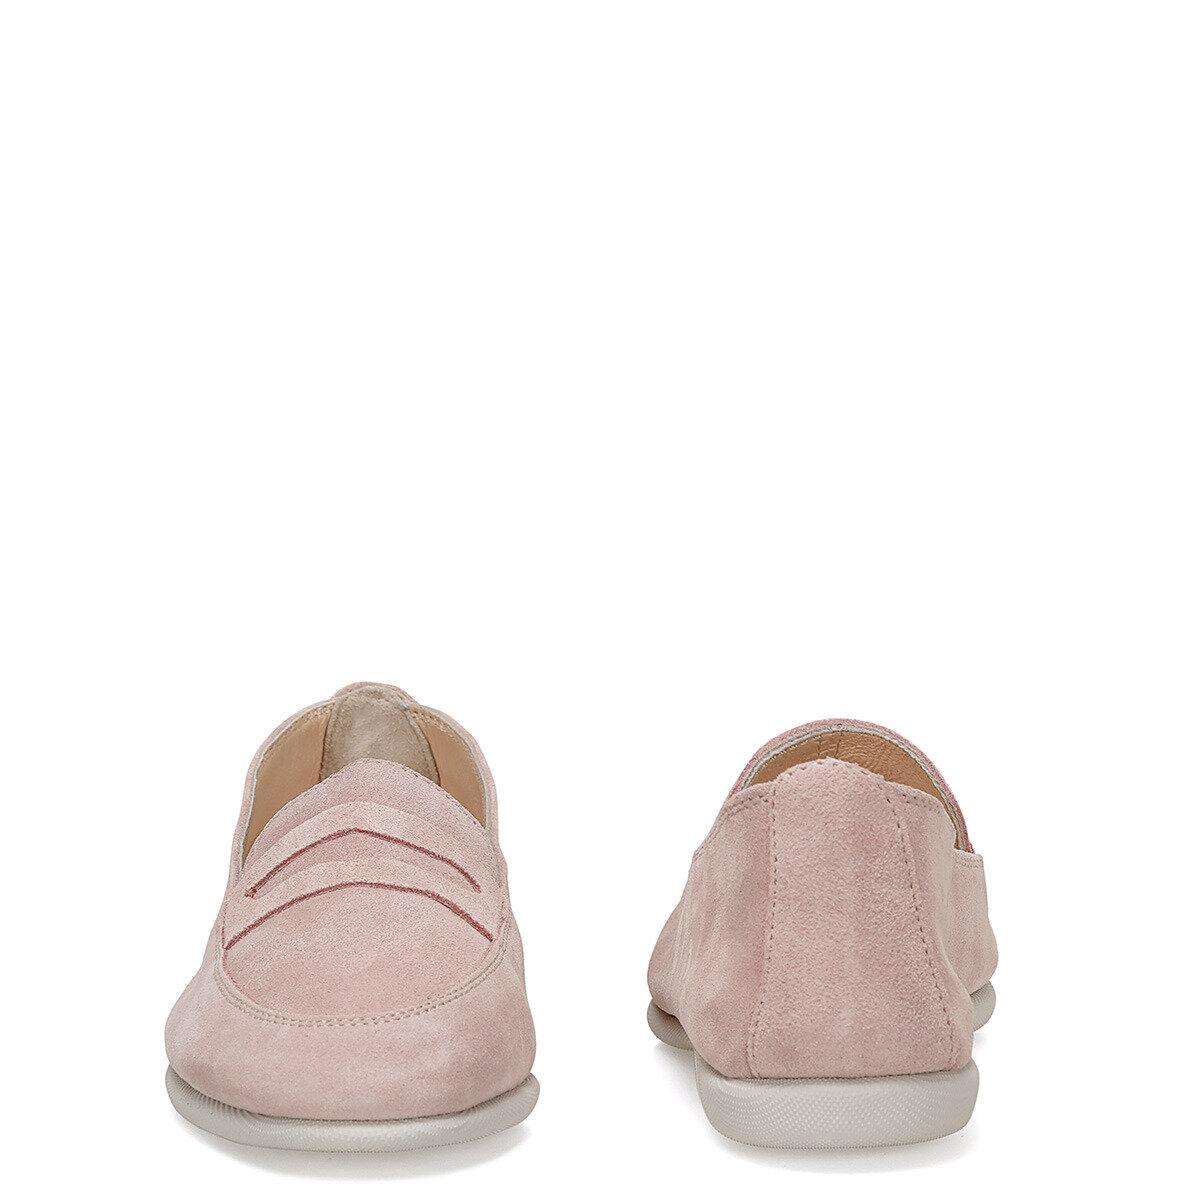 DARMELL Pembe Kadın Loafer Ayakkabı